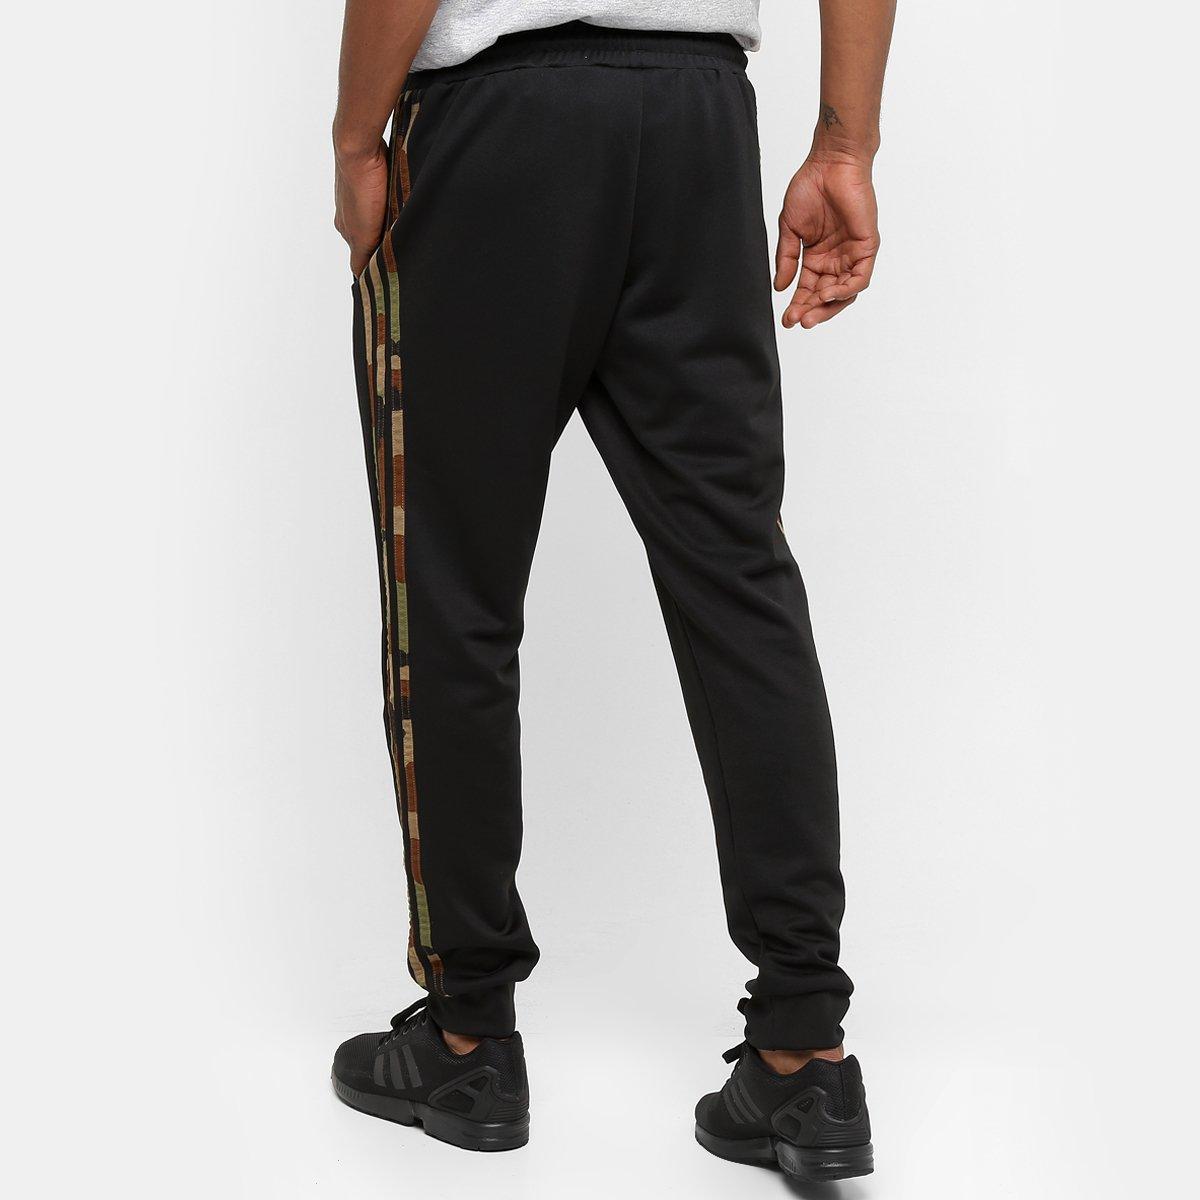 Calça Adidas Originals Es Sst Cuffed Tp - Compre Agora  ace15a1c245